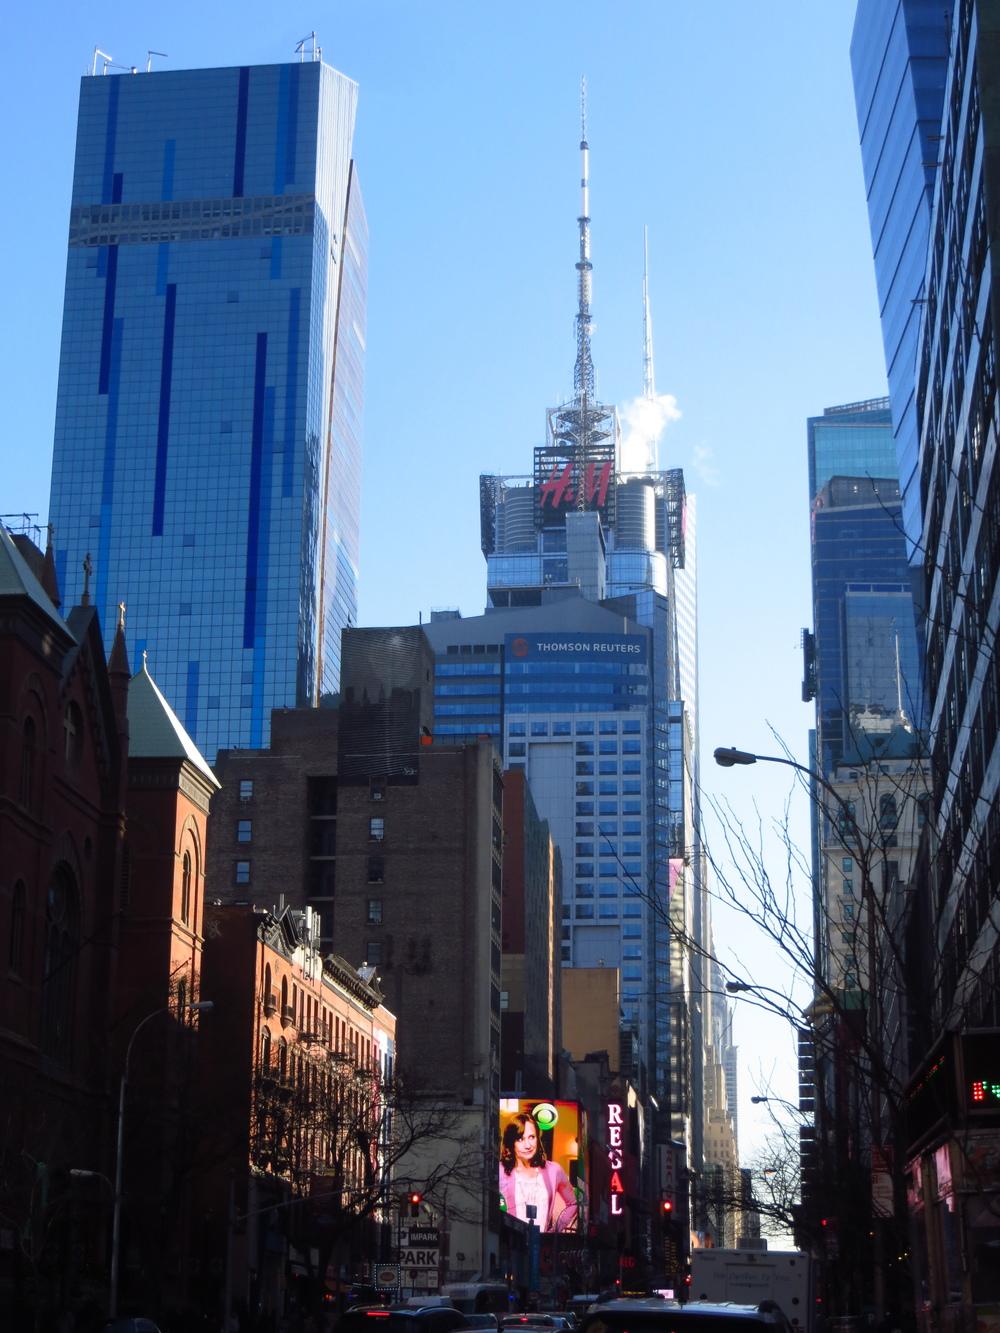 Condé Nast Building (b. 2000)